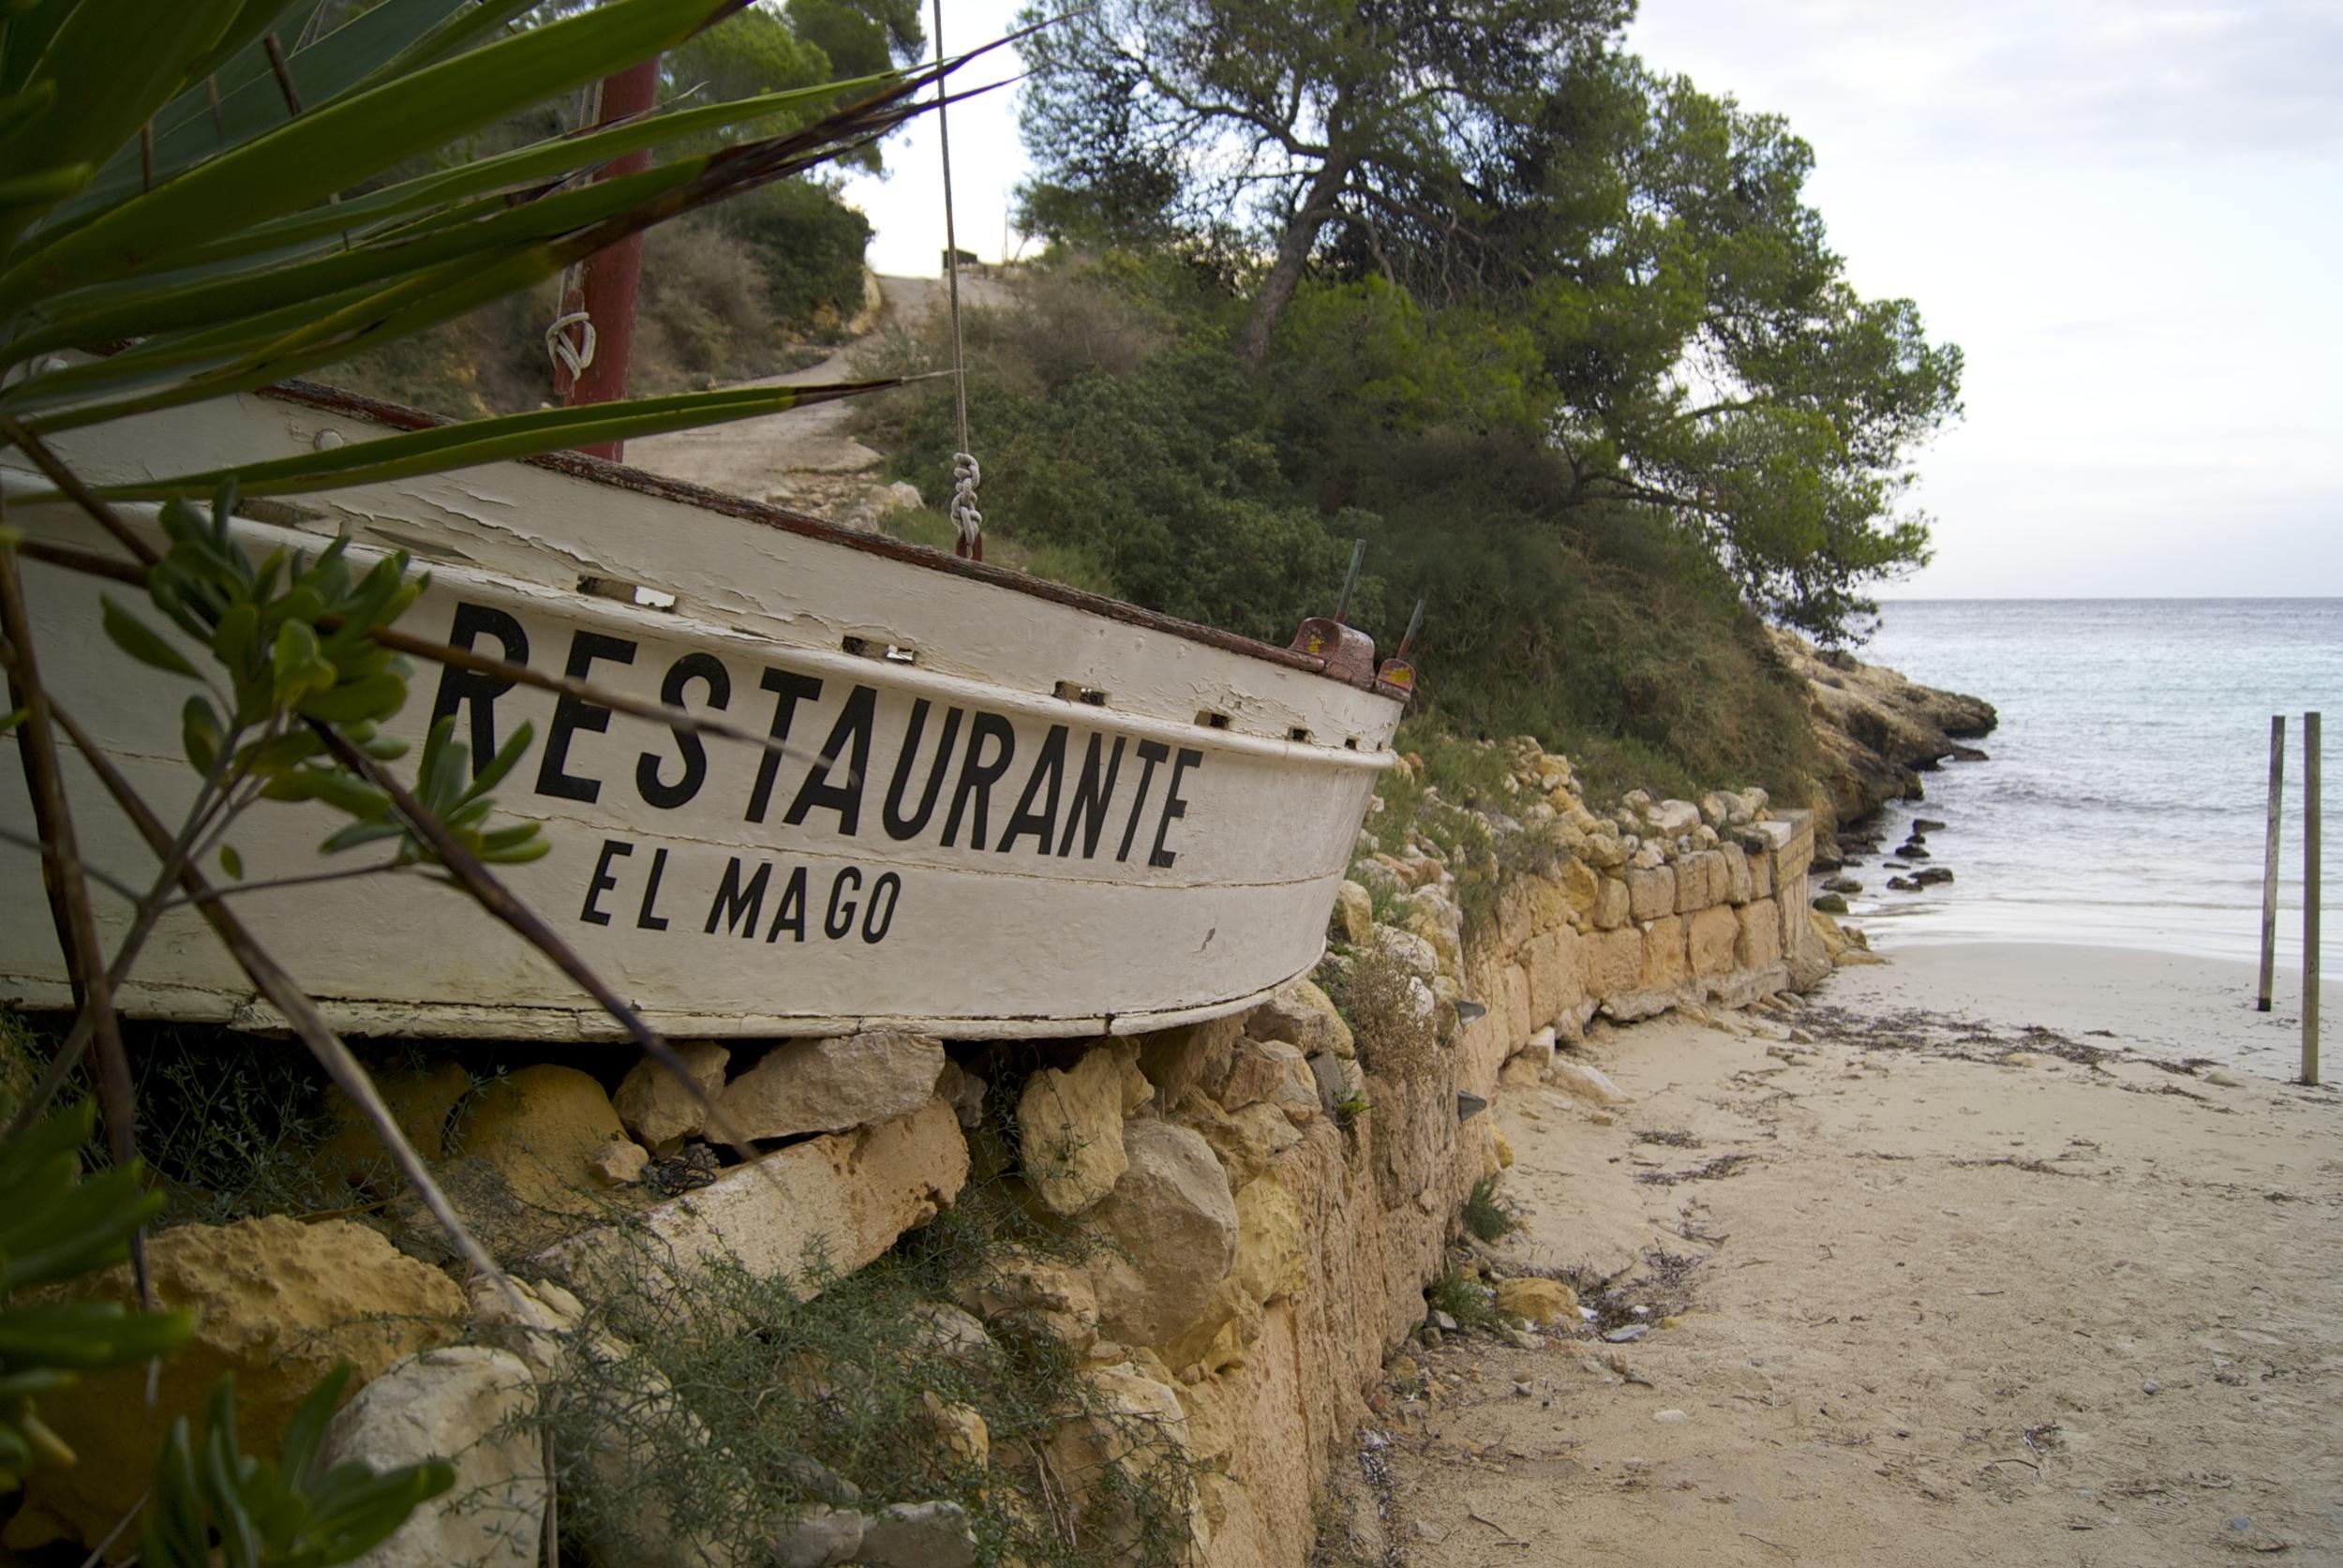 Restaurante El Mago